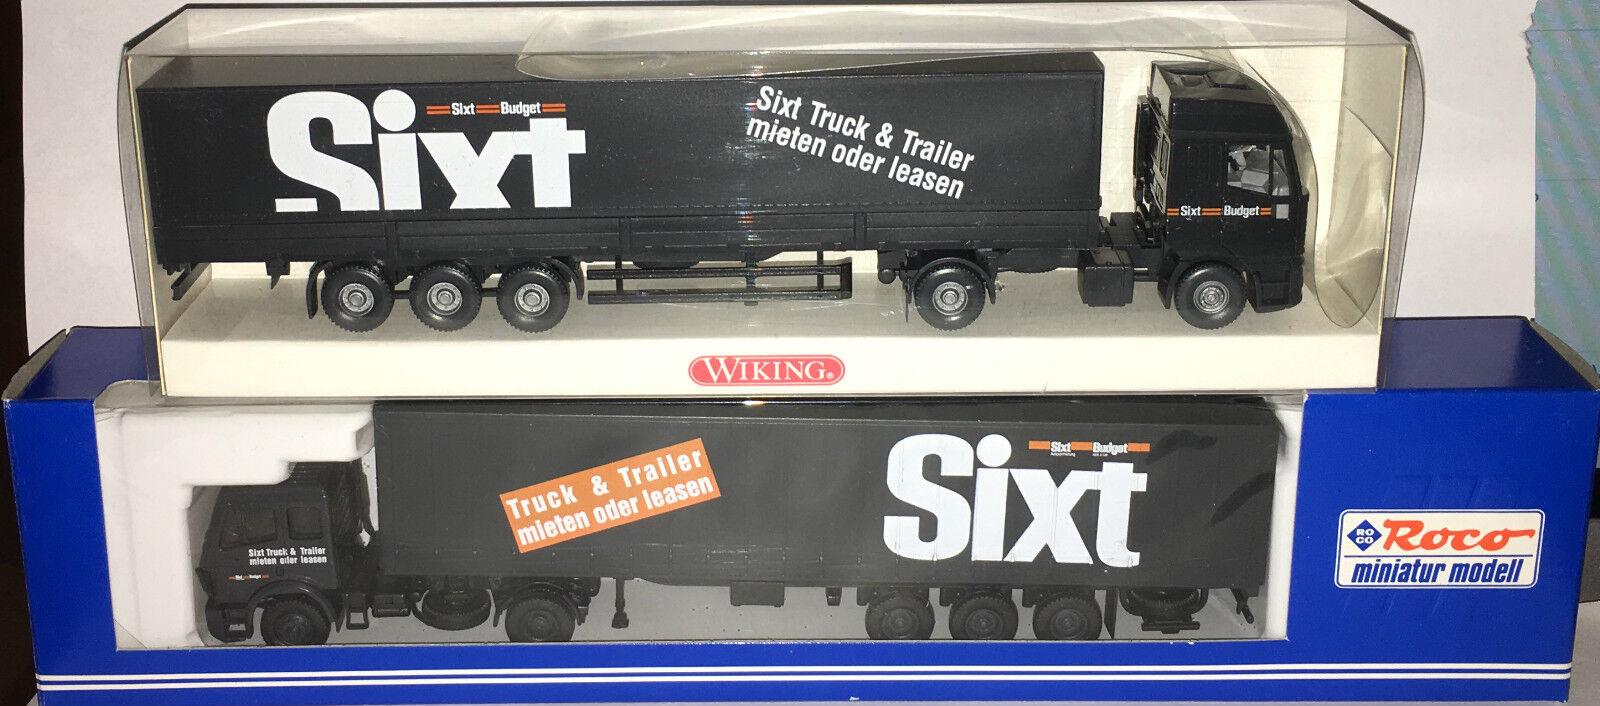 2 x Wiking 516 02 36  Roco Miniature Modèle 1579  Sixt , h0 1 87, Neuf  neuf dans sa boîte